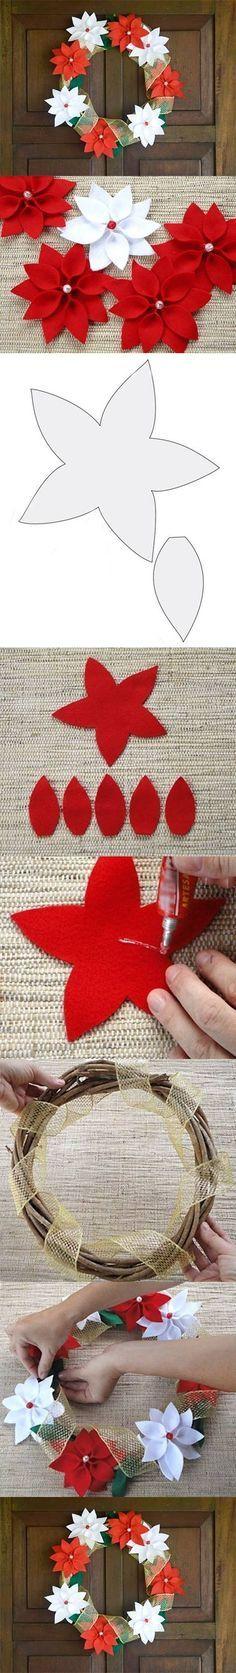 corona-navideña-de-flores-de-fieltro2